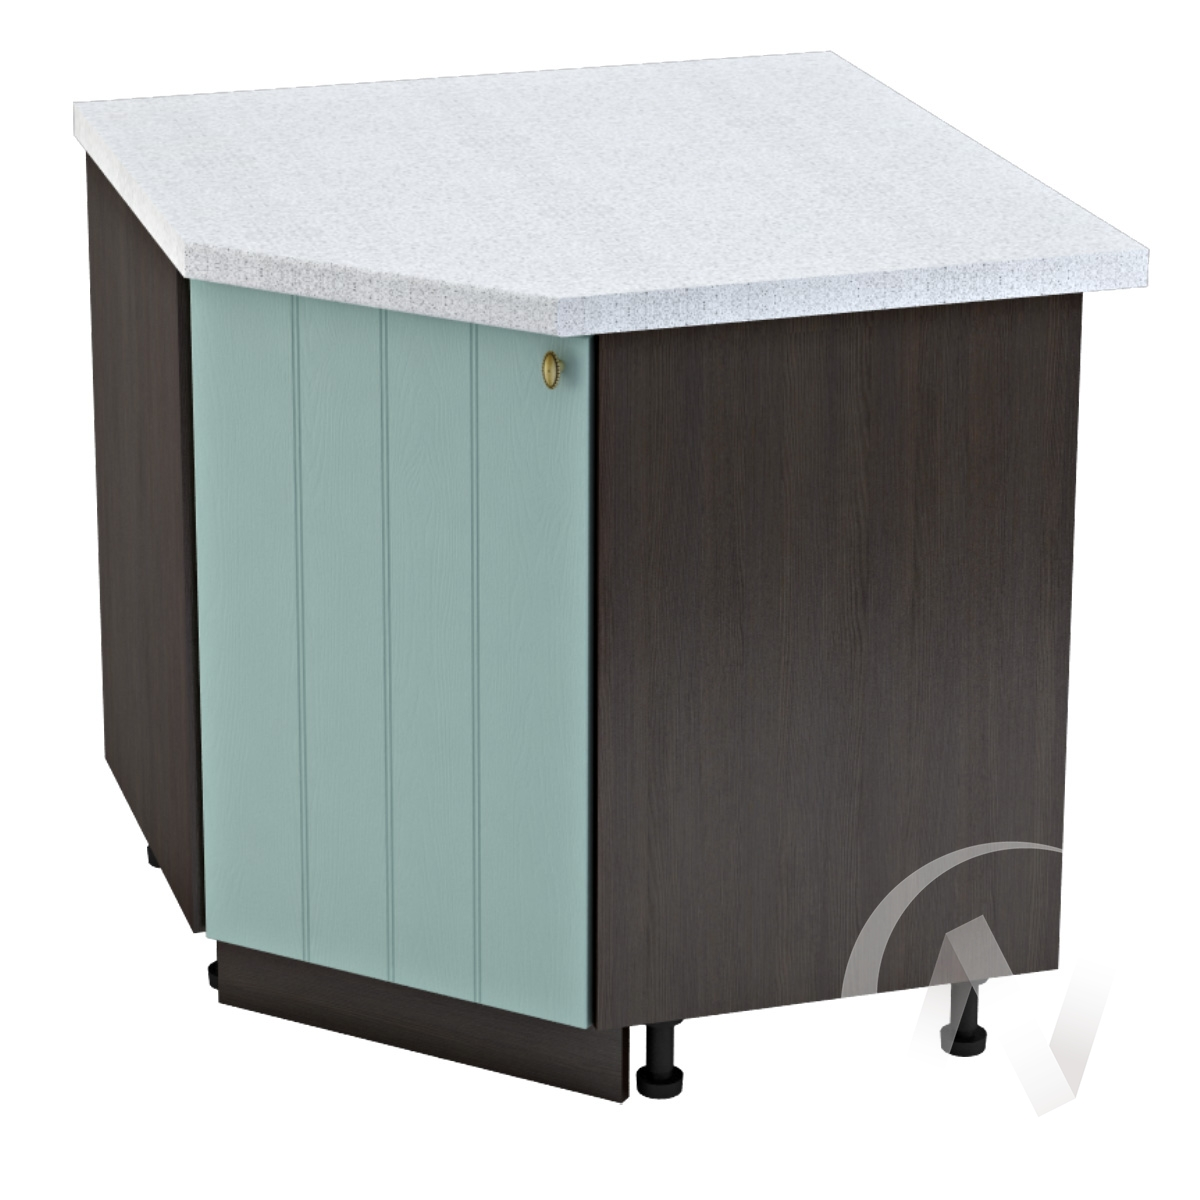 """Кухня """"Прованс"""": Шкаф нижний угловой 890, ШНУ 890 (голубой/корпус венге)"""